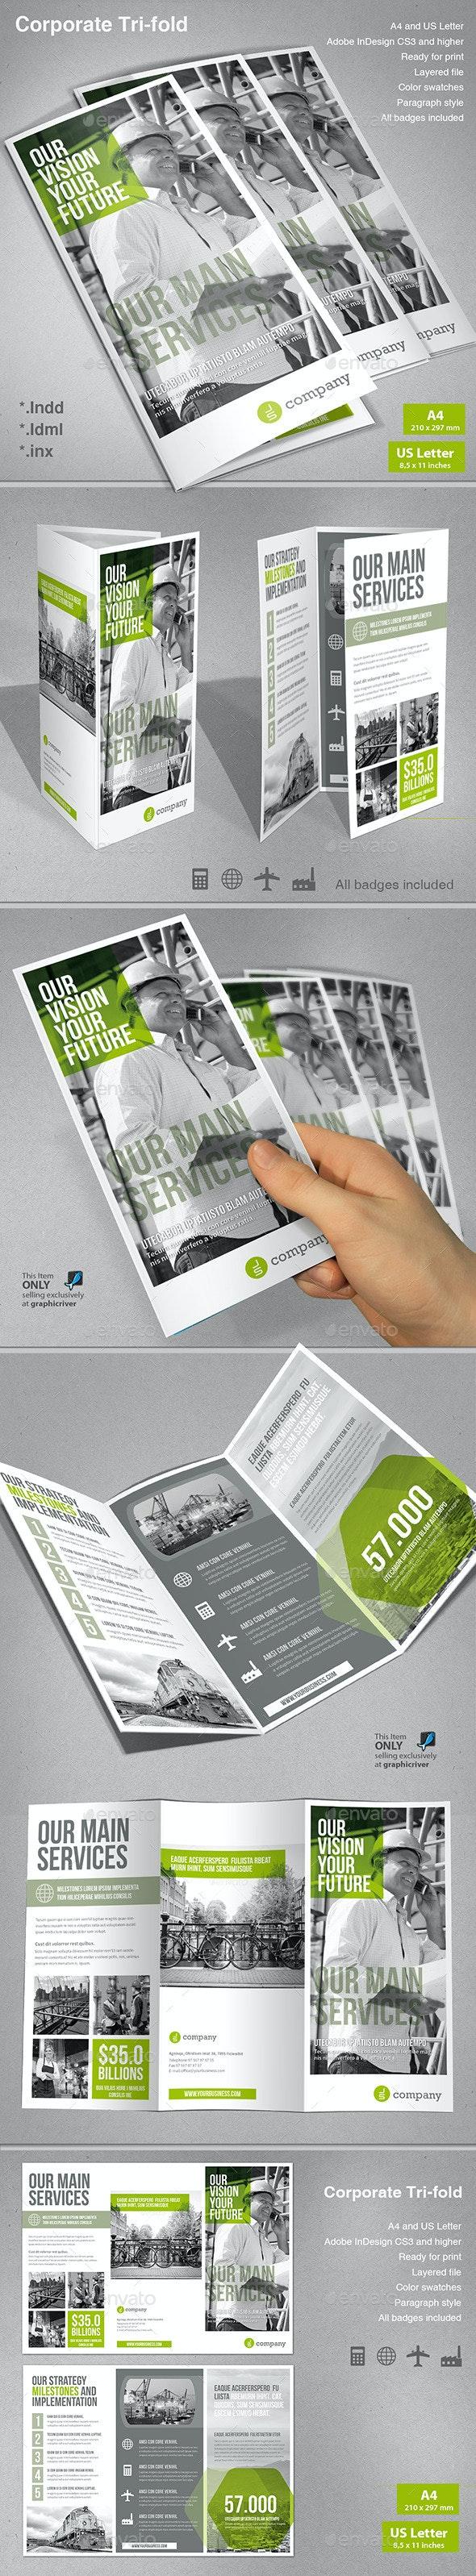 Corporate Tri-fold - Corporate Brochures